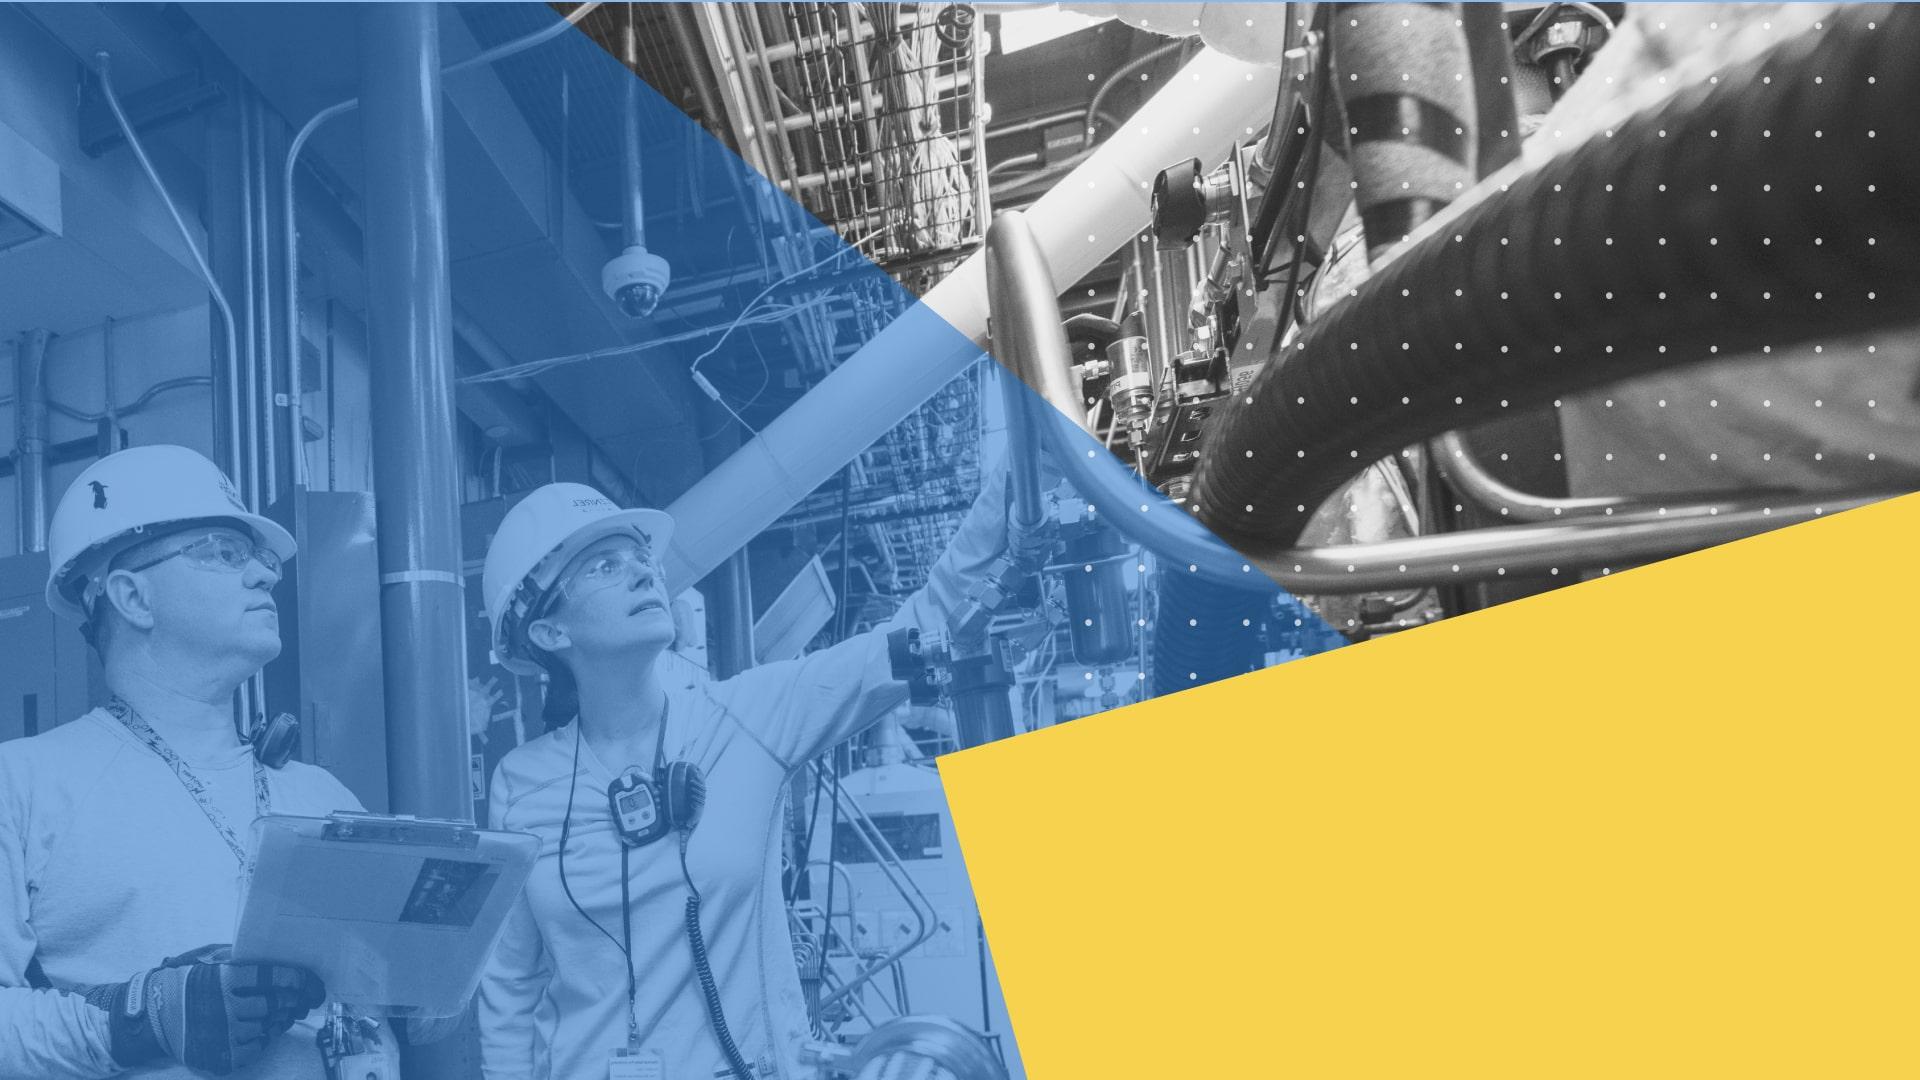 На конференции CADFEM/Ansys расскажут, как повысить эффективность производства с помощью цифровых двойников и технологий Индустрии 4.0